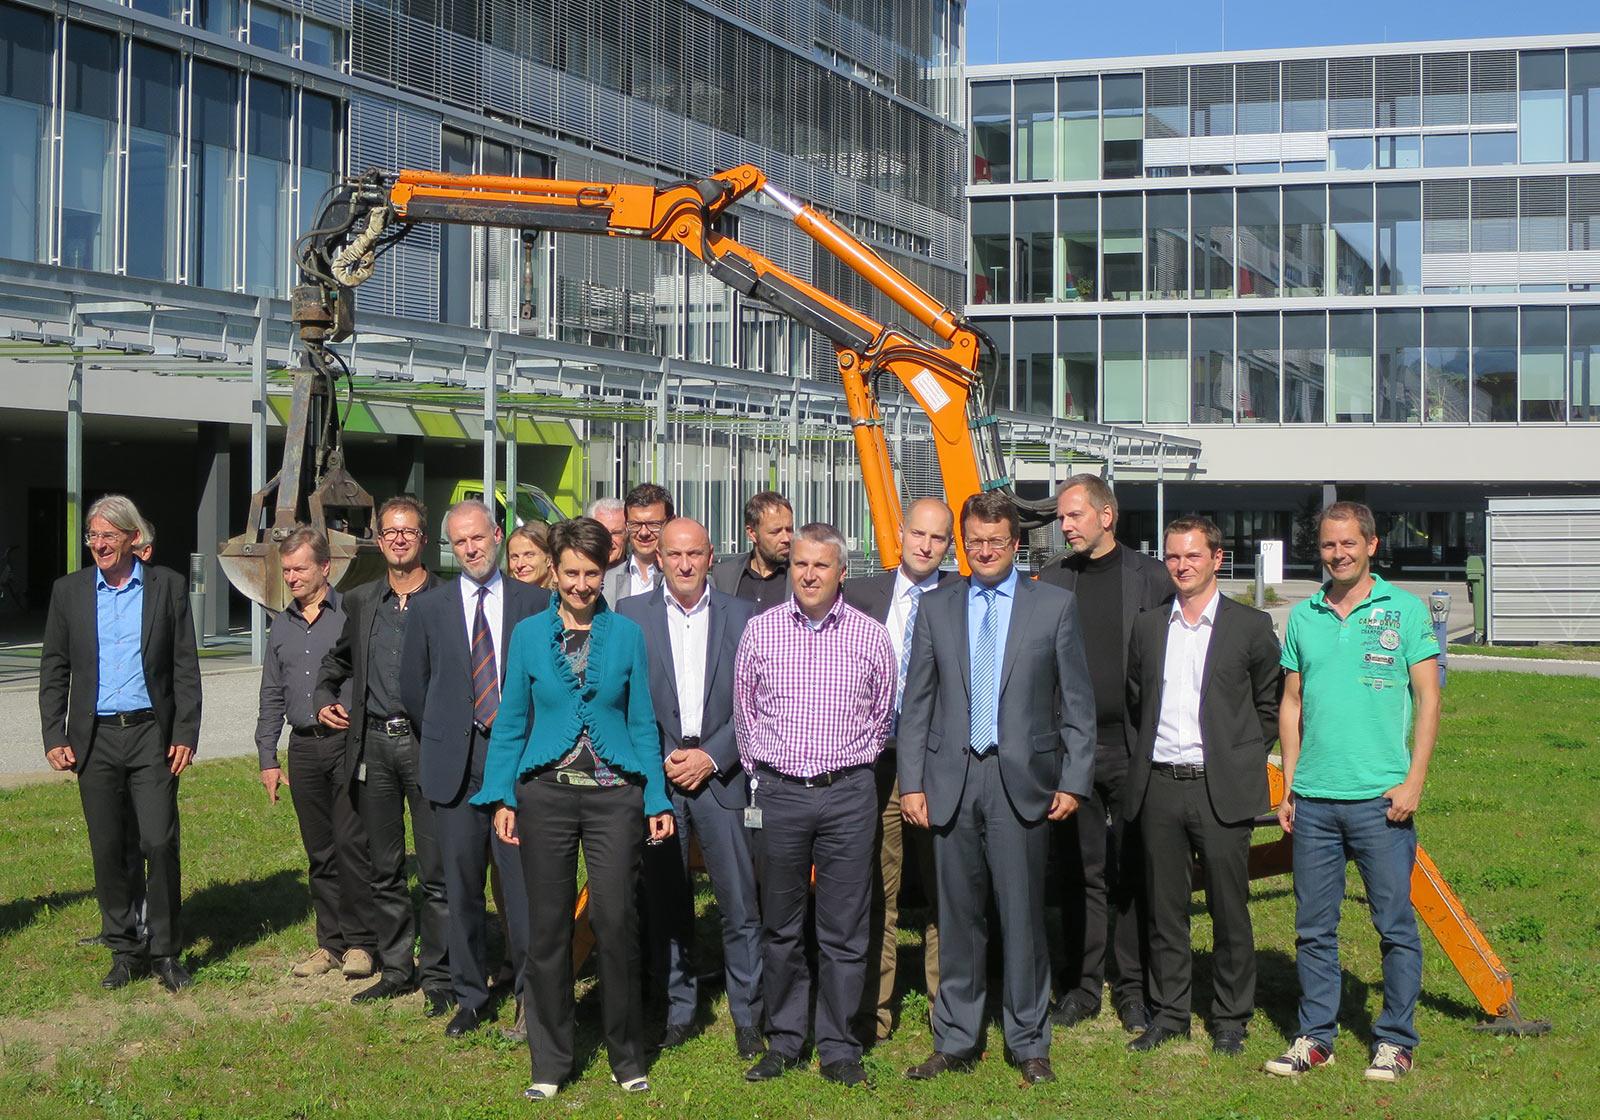 ATP на церемонии закладки фундамента здания Infineon